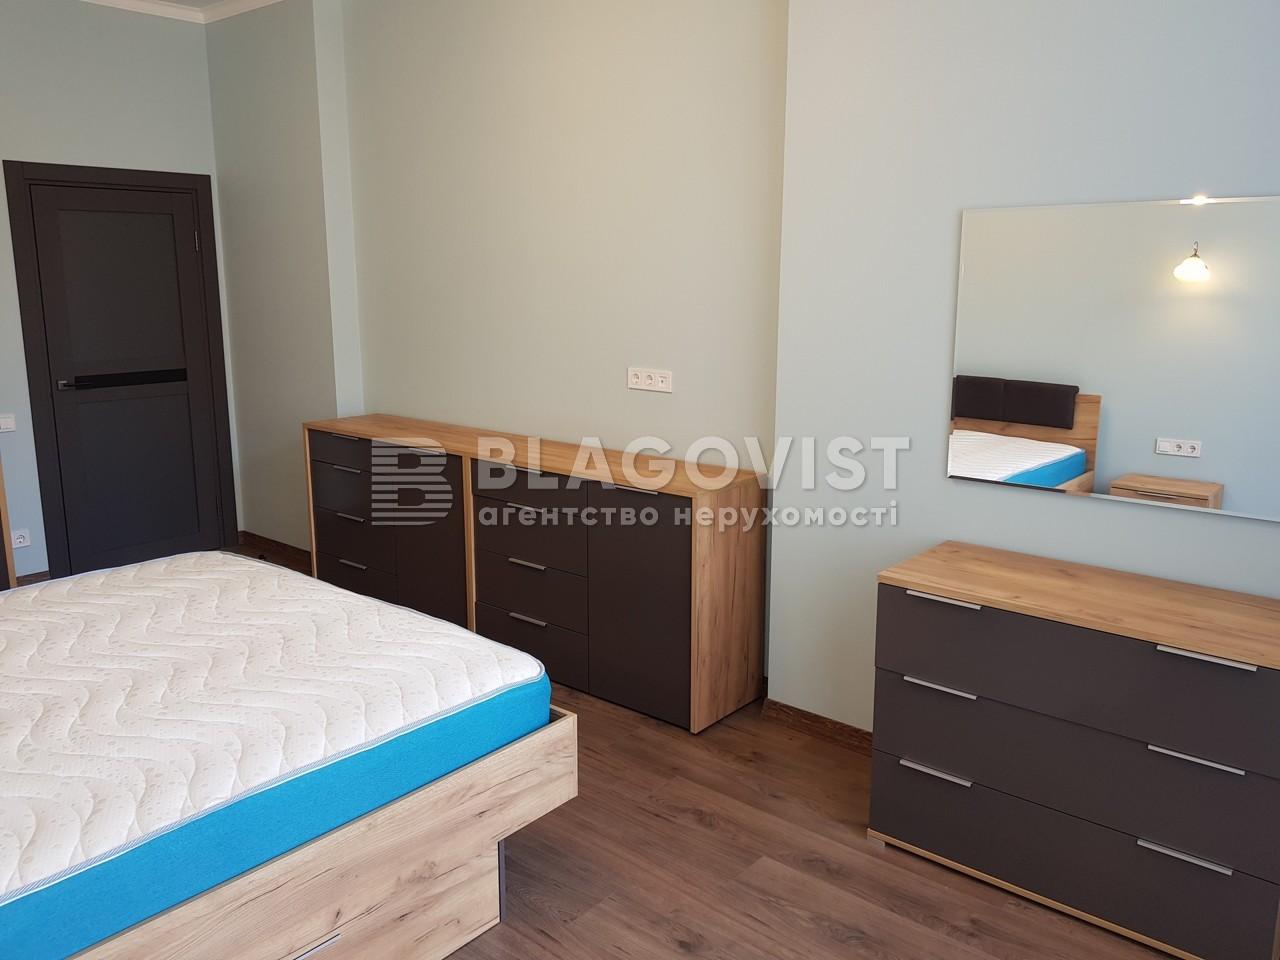 Квартира R-39148, Дмитриевская, 82, Киев - Фото 15